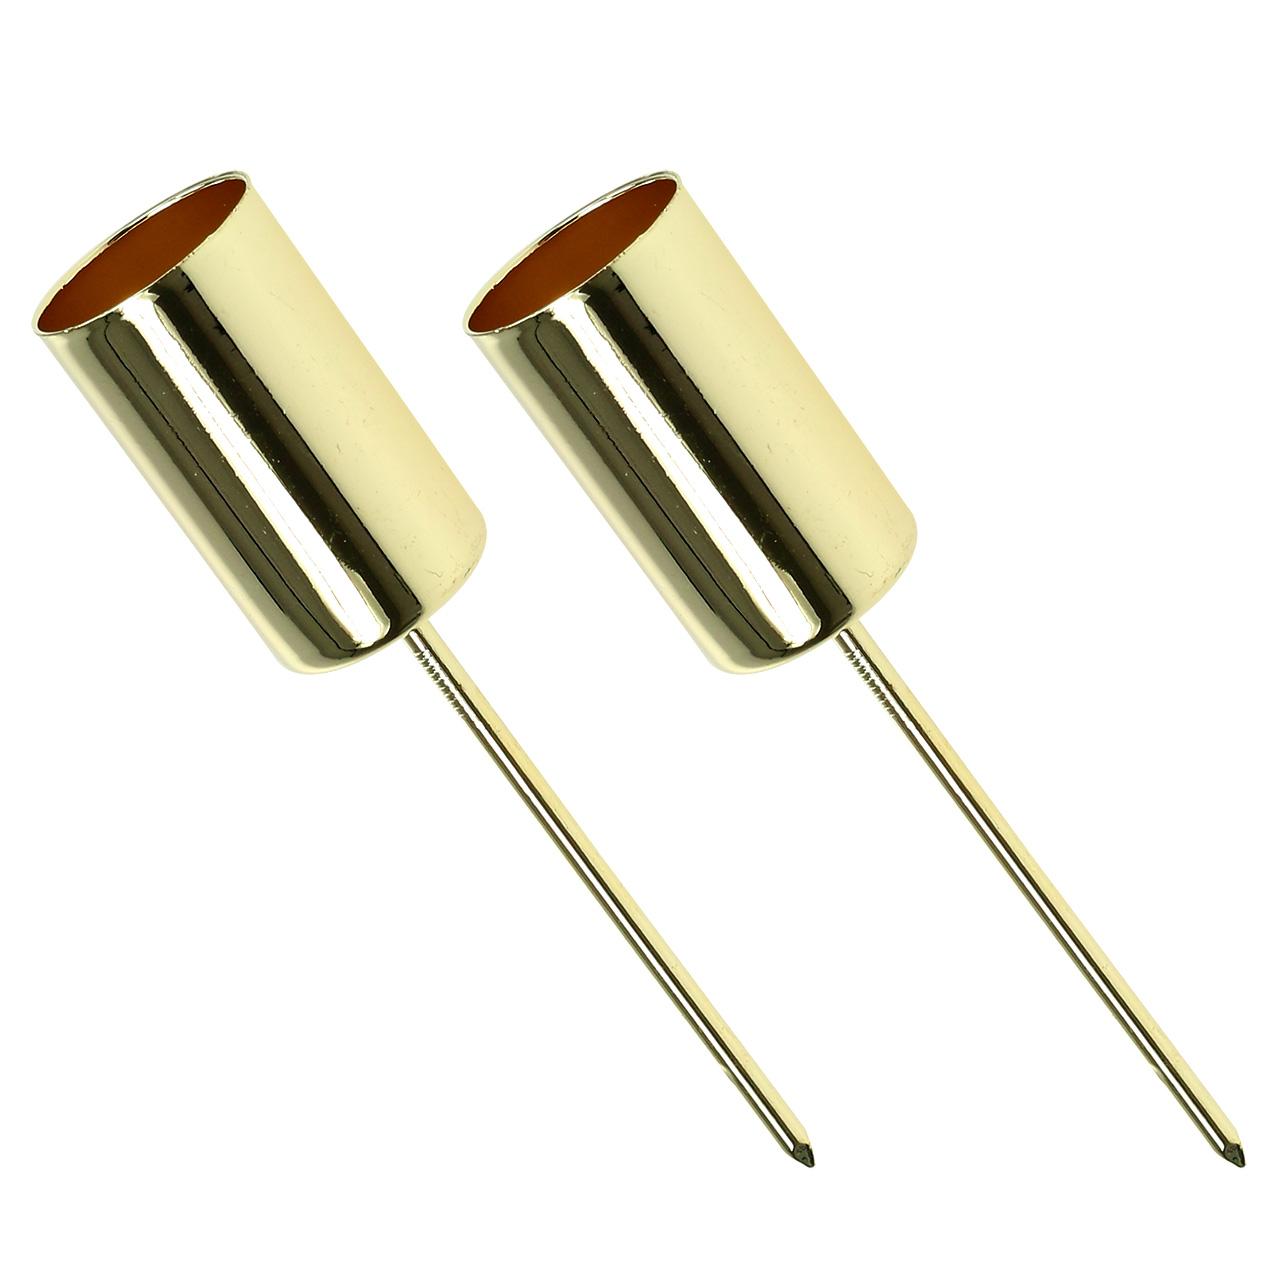 kerzenhalter gold f r stabkerzen 2 2cm 4st kaufen in schweiz. Black Bedroom Furniture Sets. Home Design Ideas